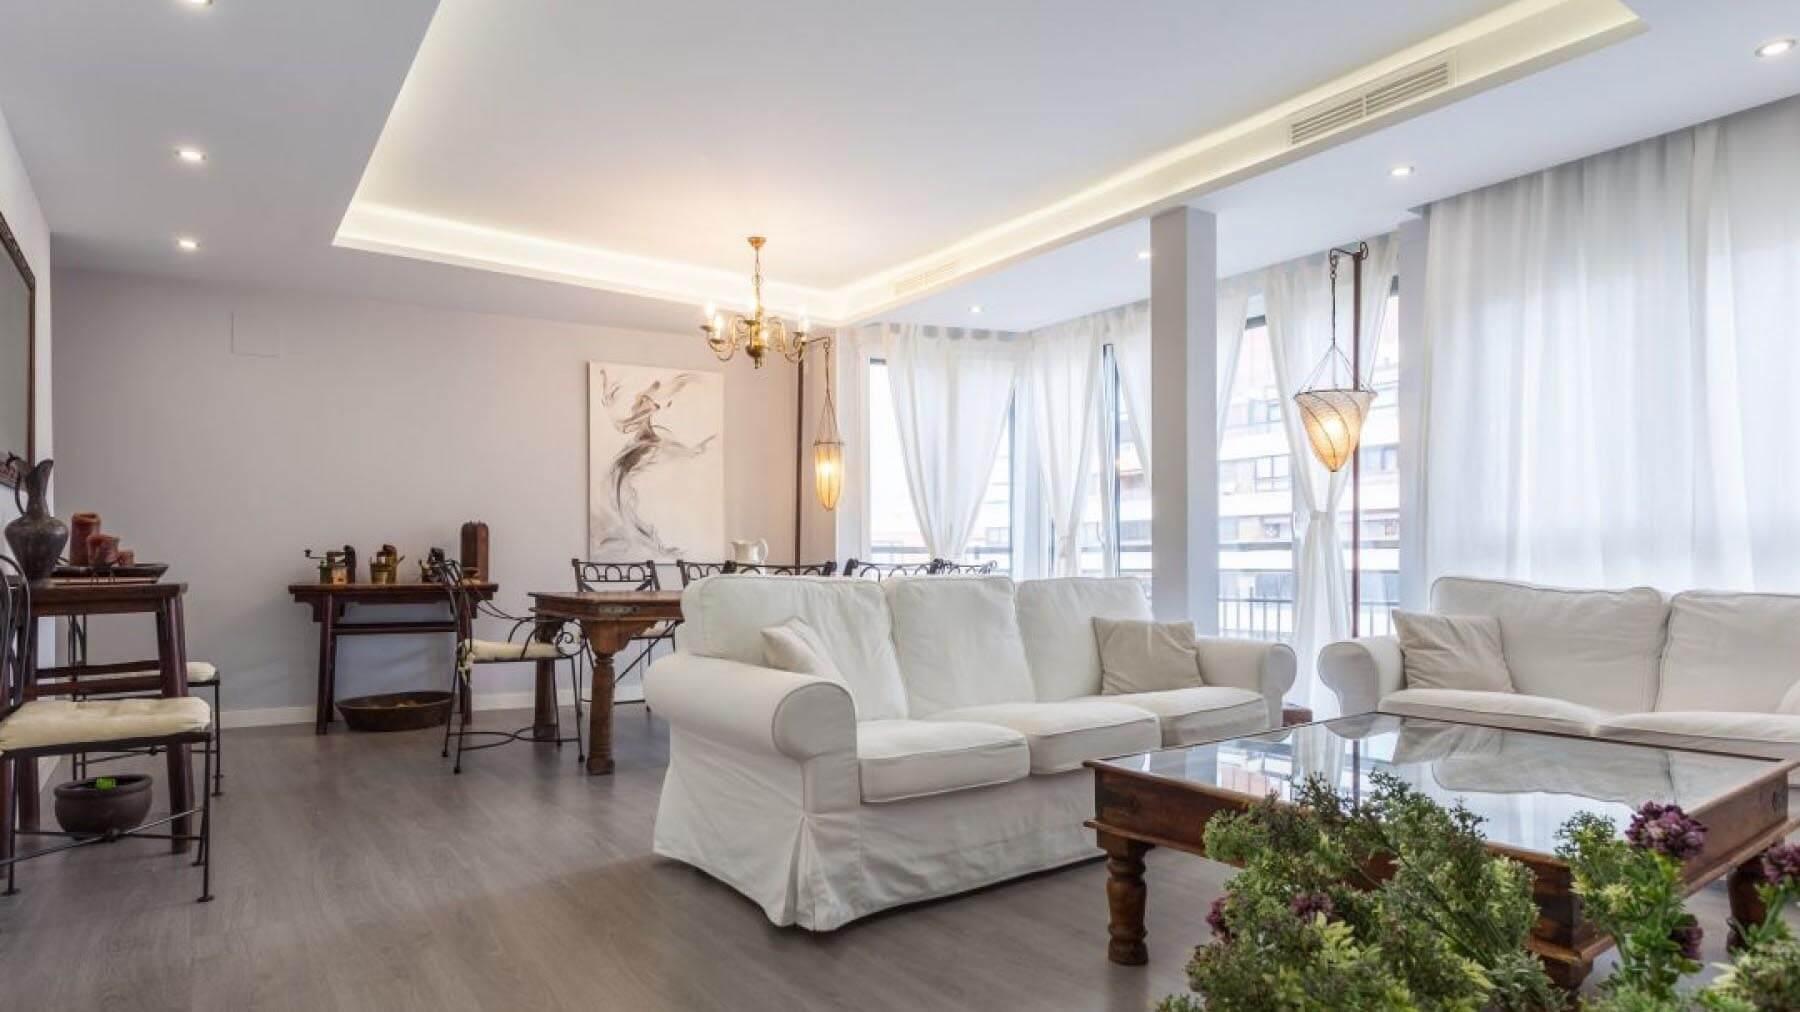 Аренда квартиры в центре Аликанте с 3-мя спальнями